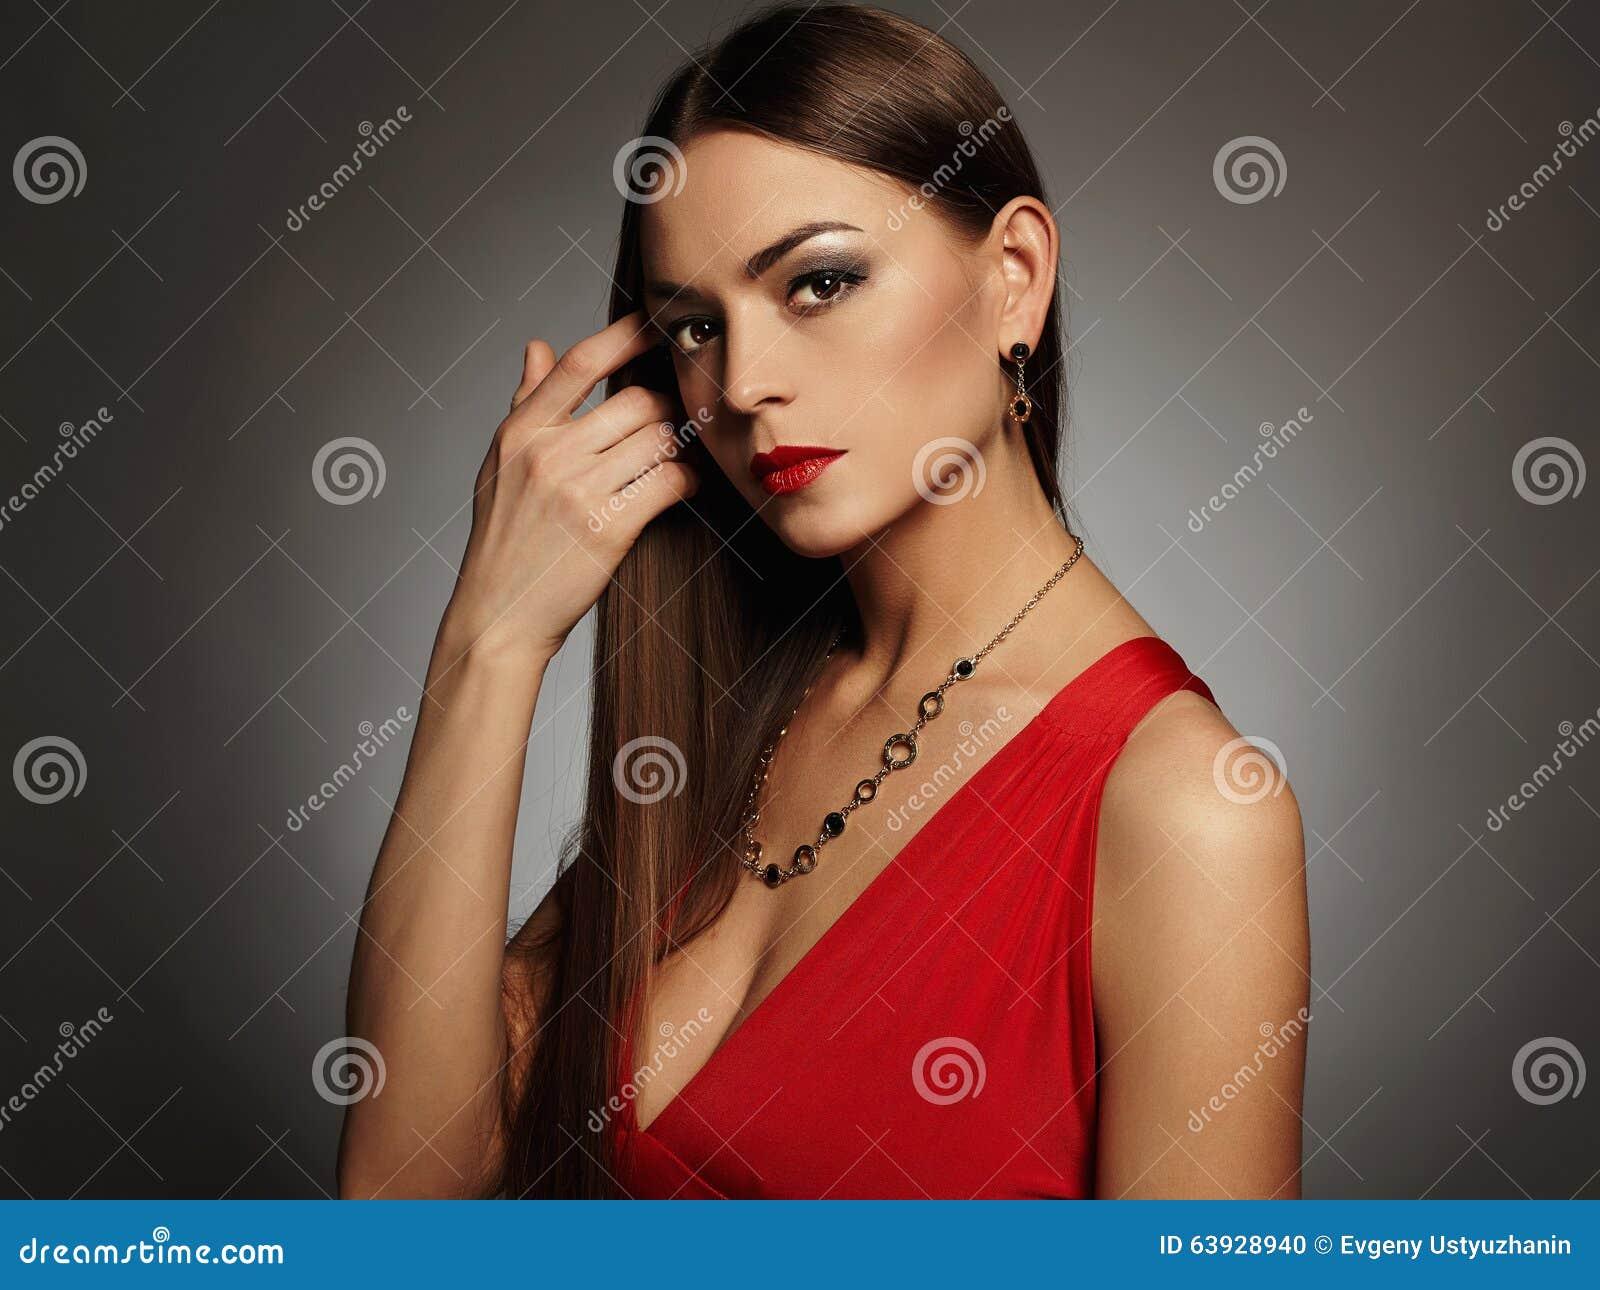 Schmuck zum roten abendkleid